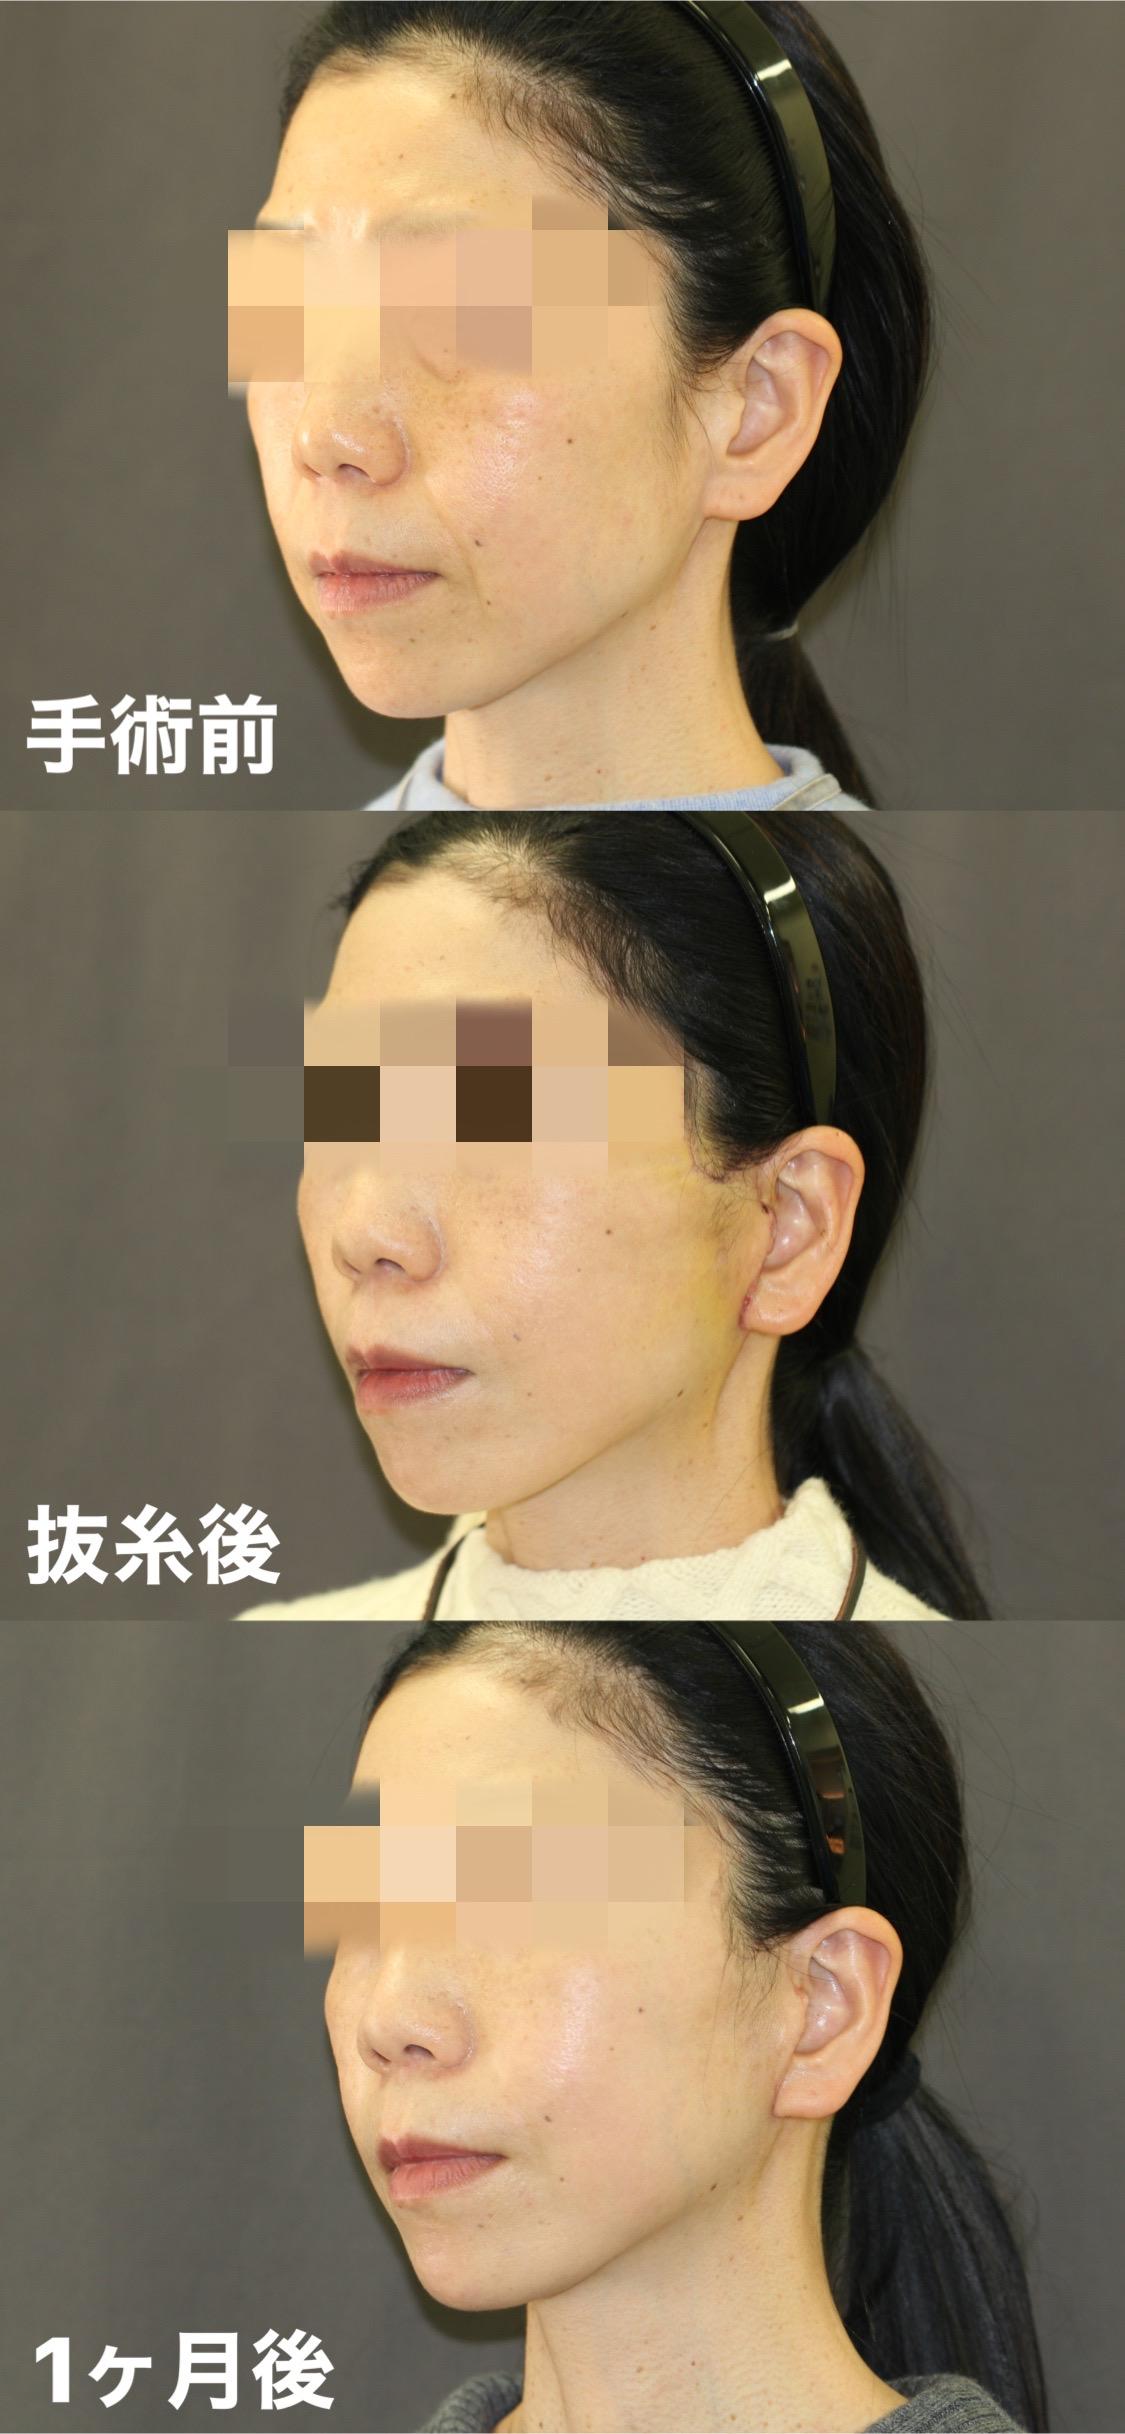 手術前から1M(斜め)